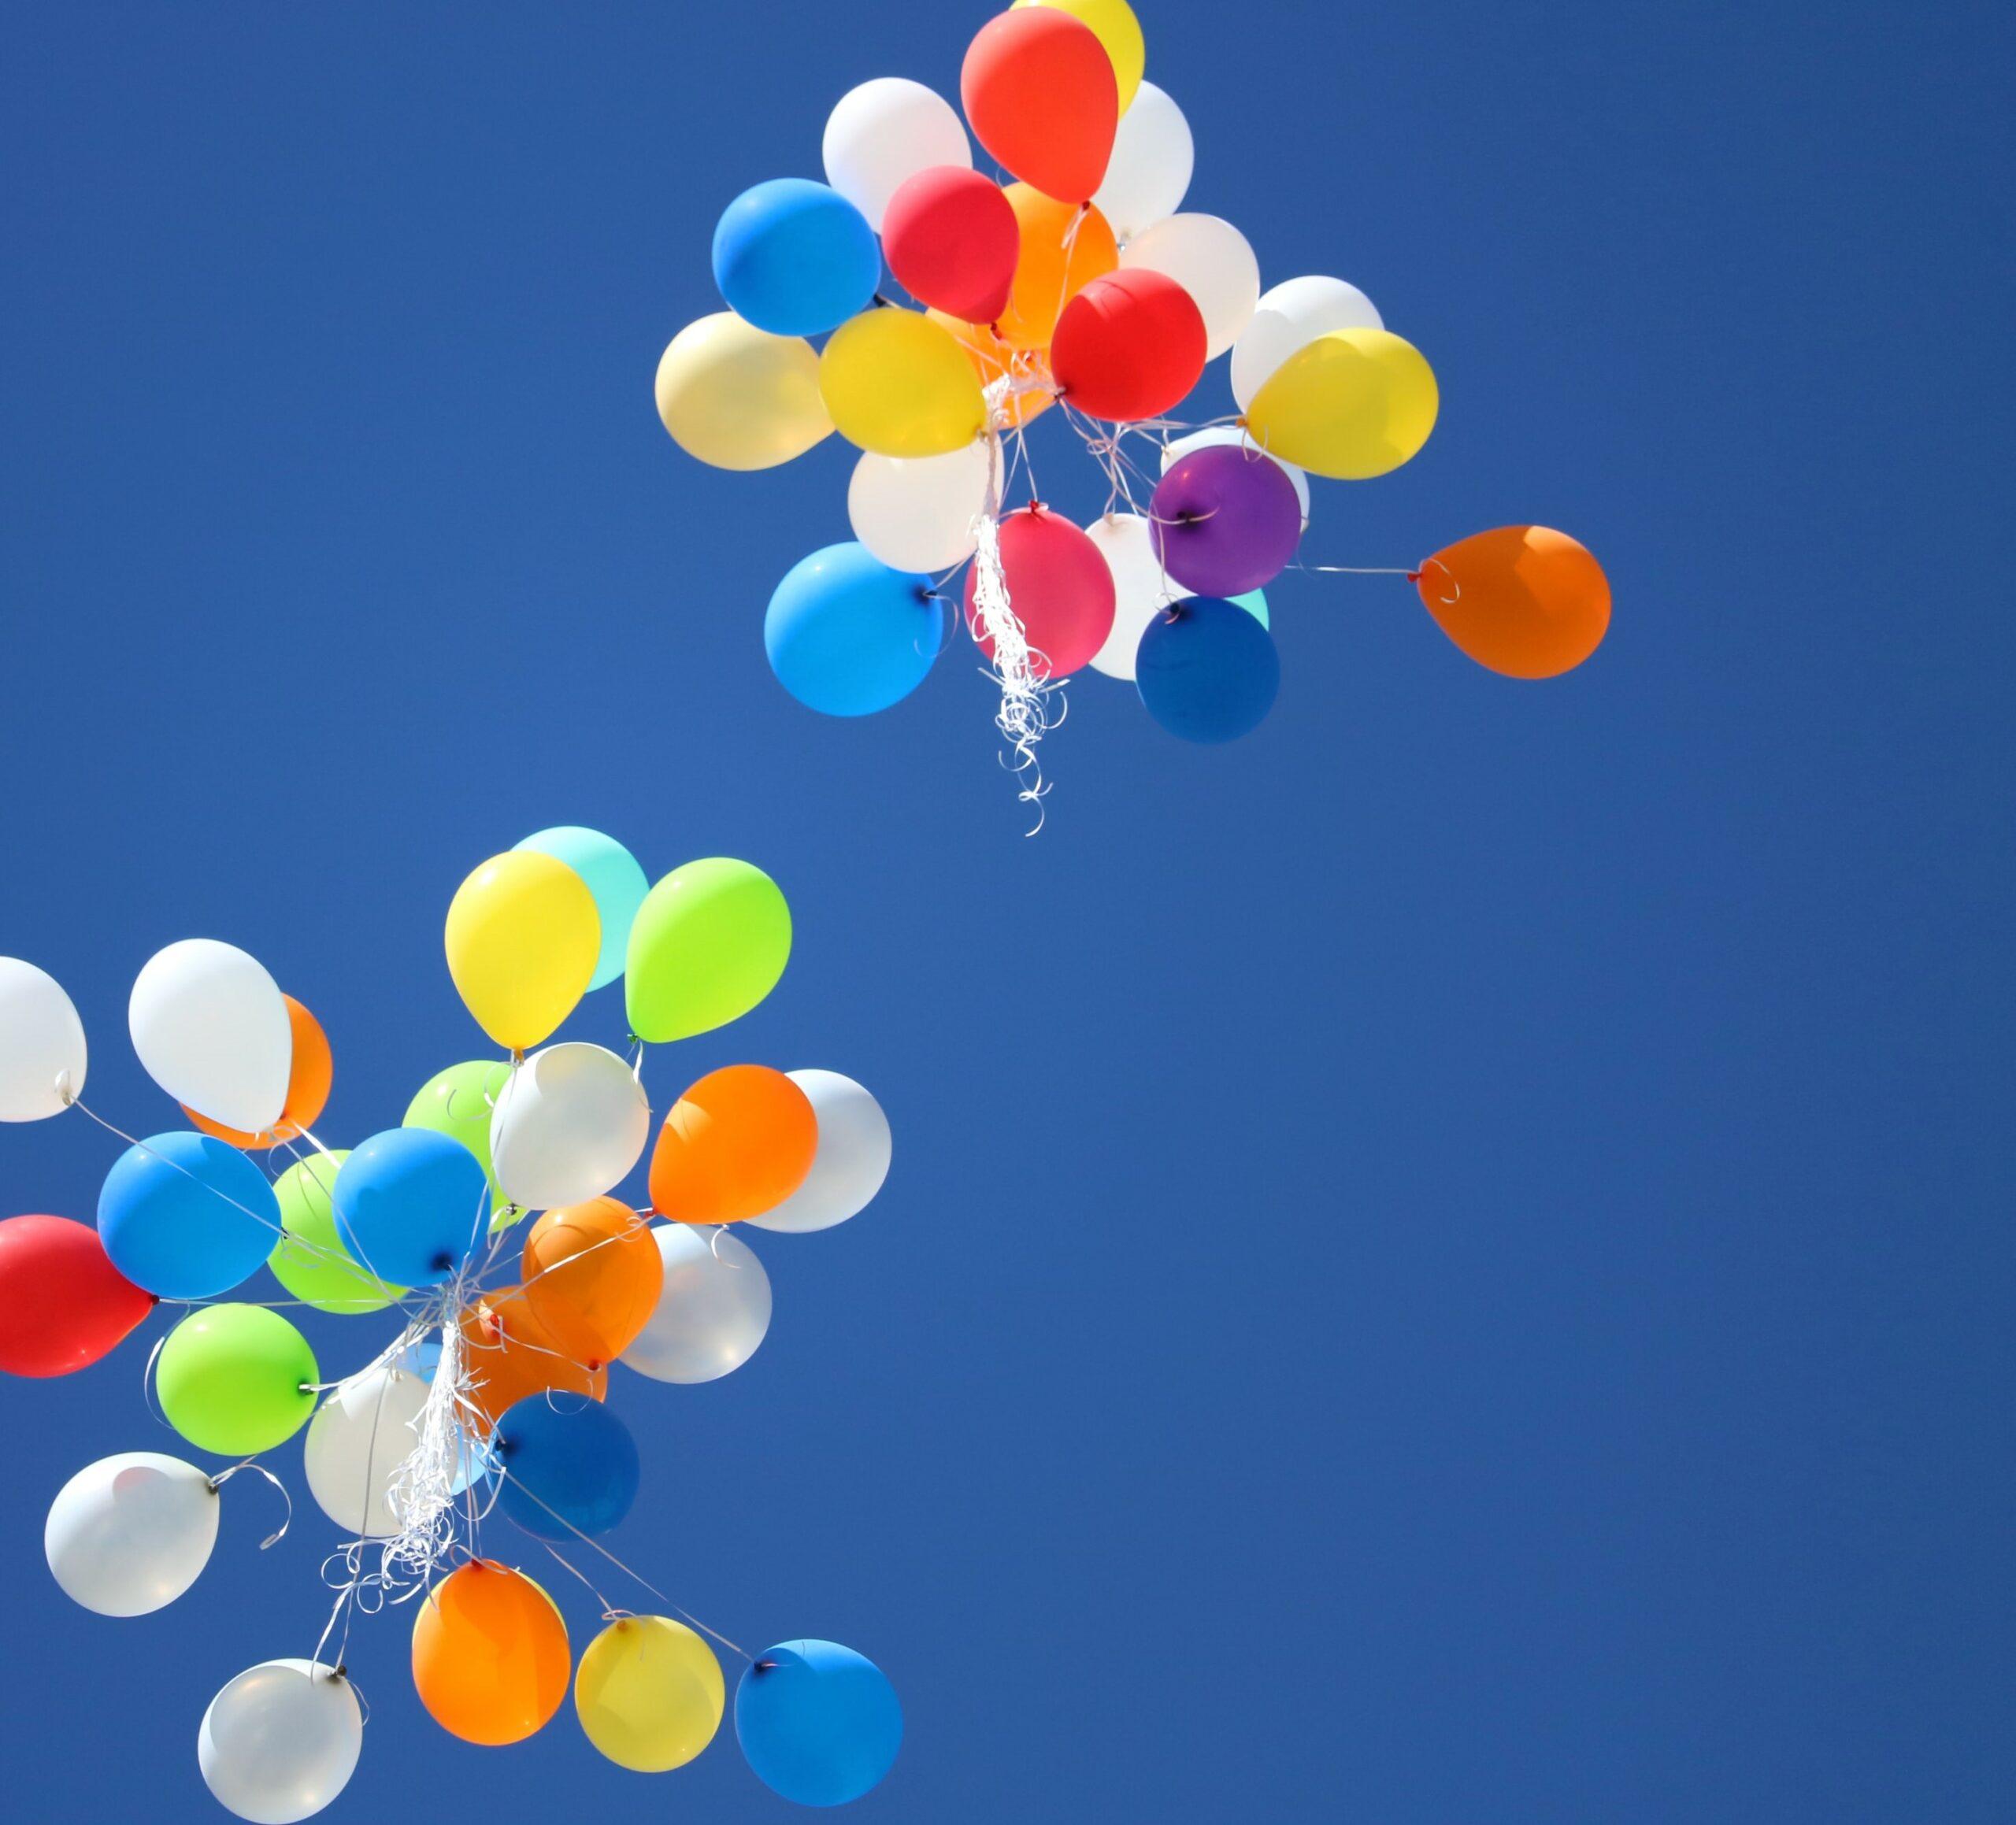 biologisch afbreekbare ballonnen slecht voor milieu